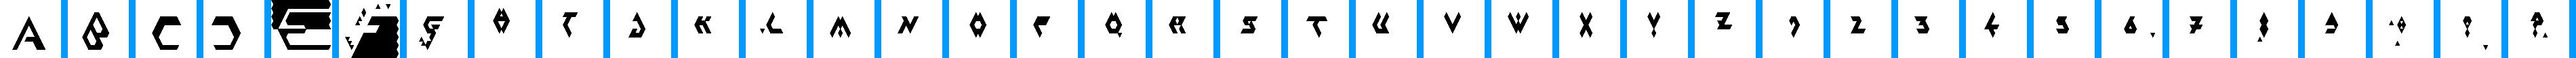 Particip-a-type v.139